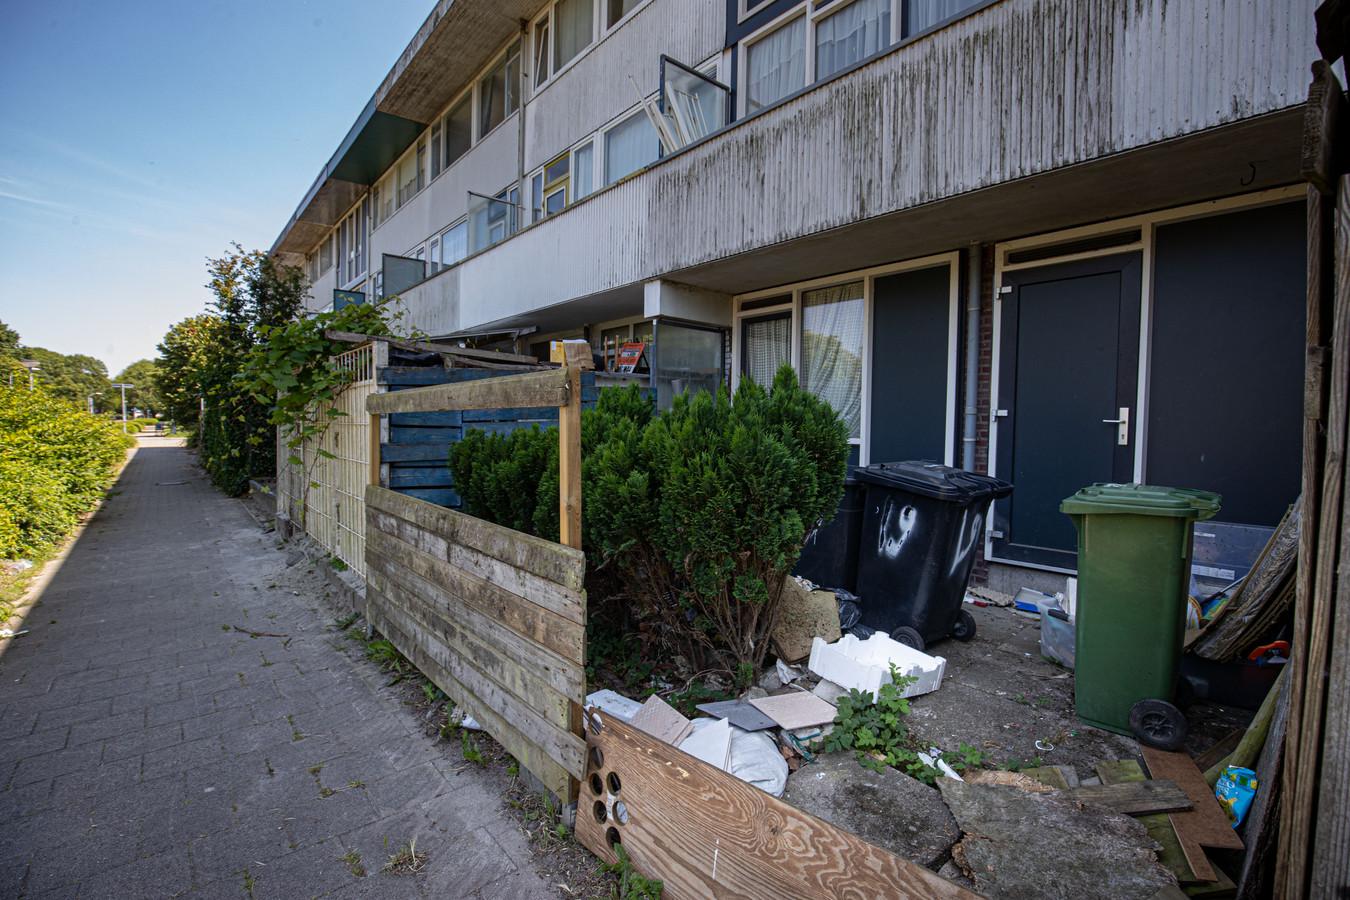 De vier wijken in Lelystad Oost hebben veel problemen. Wat opvalt is de verloederde staat van de woningen. Het Rijk geeft eenmalig 39 miljoen euro voor een flinke opknapbeurt.